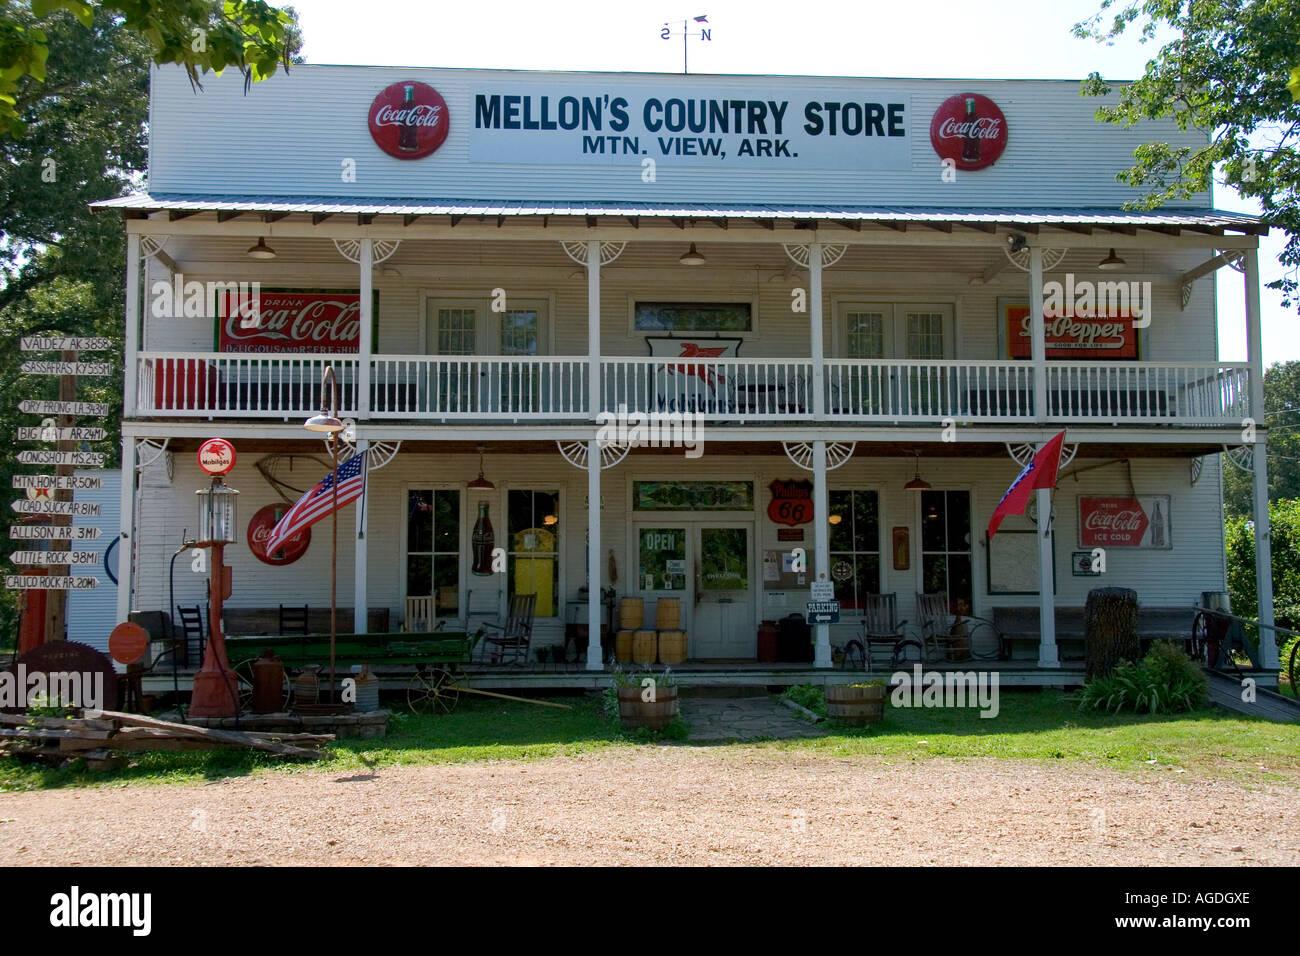 Mellon's Country Store à Mountain View, Arkansas. Banque D'Images